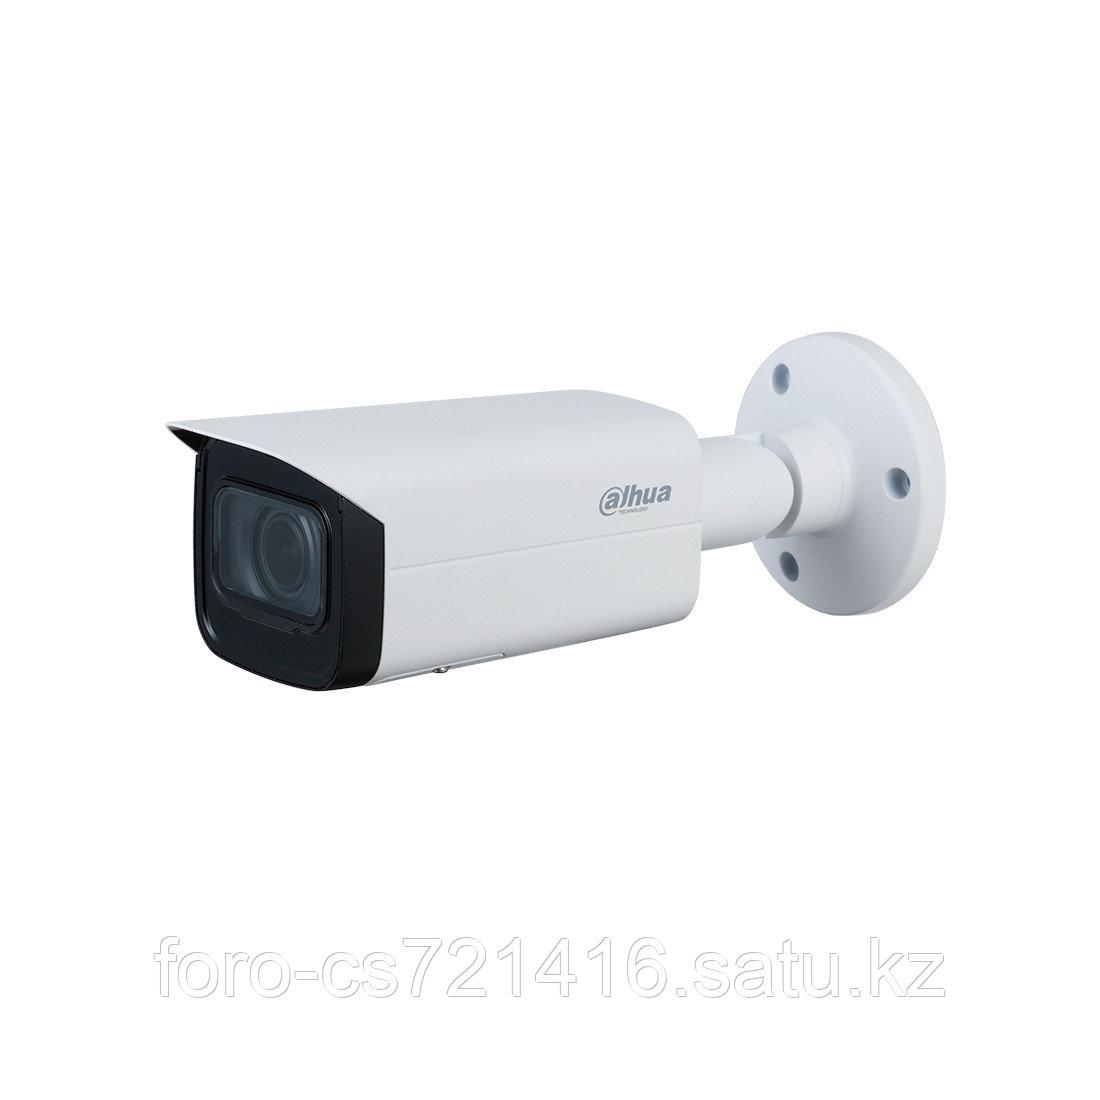 Цилиндрическая видеокамера Dahua DH-IPC-HFW3441TP-ZAS